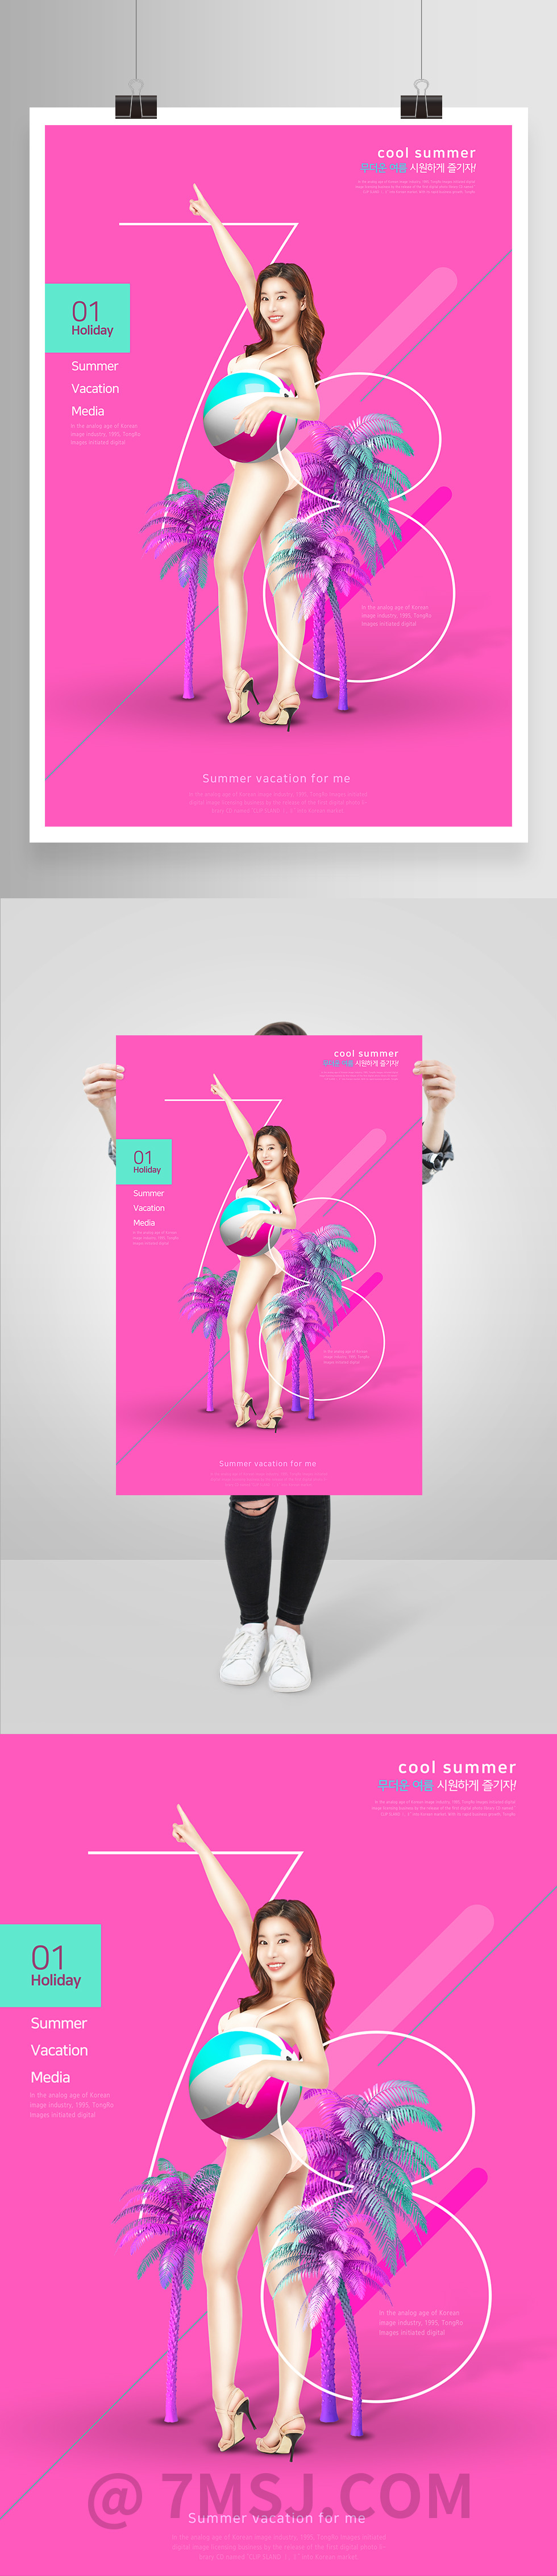 粉色夏季简约旅游比基尼美女海报